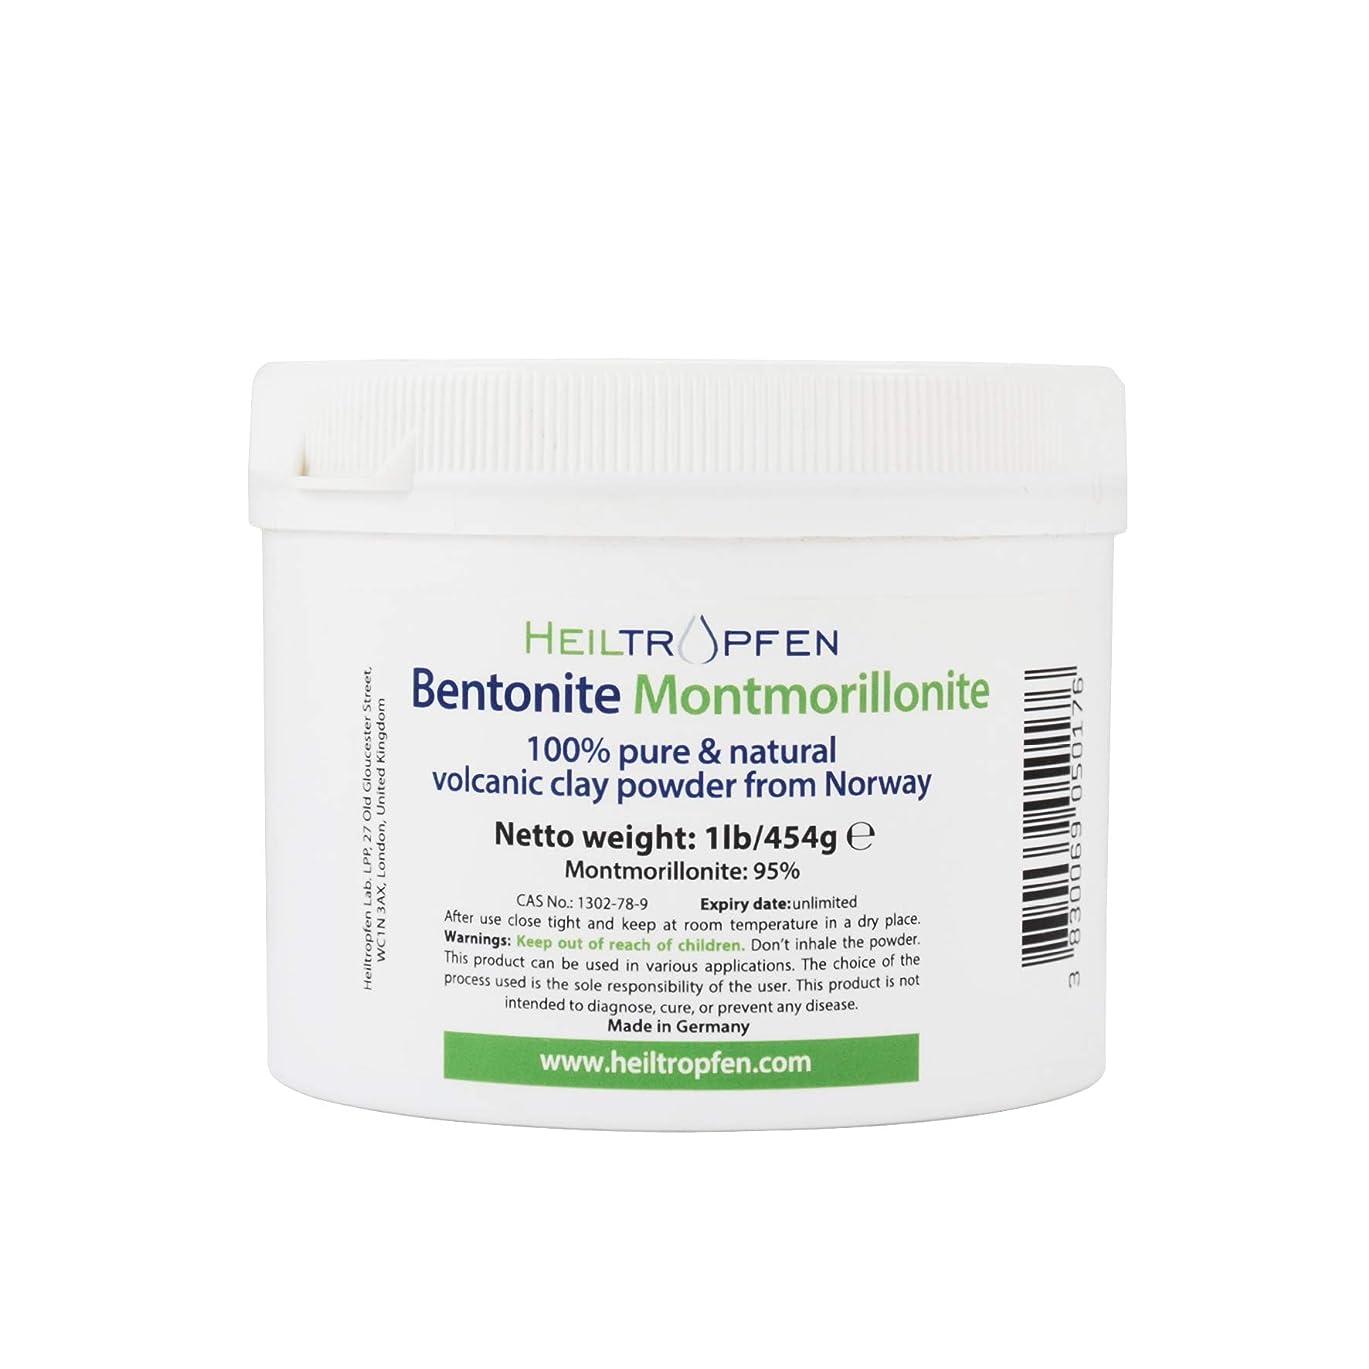 通り二年生忌まわしいベントナイトモンモリロナイトパウダー、1lb-454g、ウルトラファイン、モンモリロナイト含有量:95%、天然ミネラルダスト。bentonite